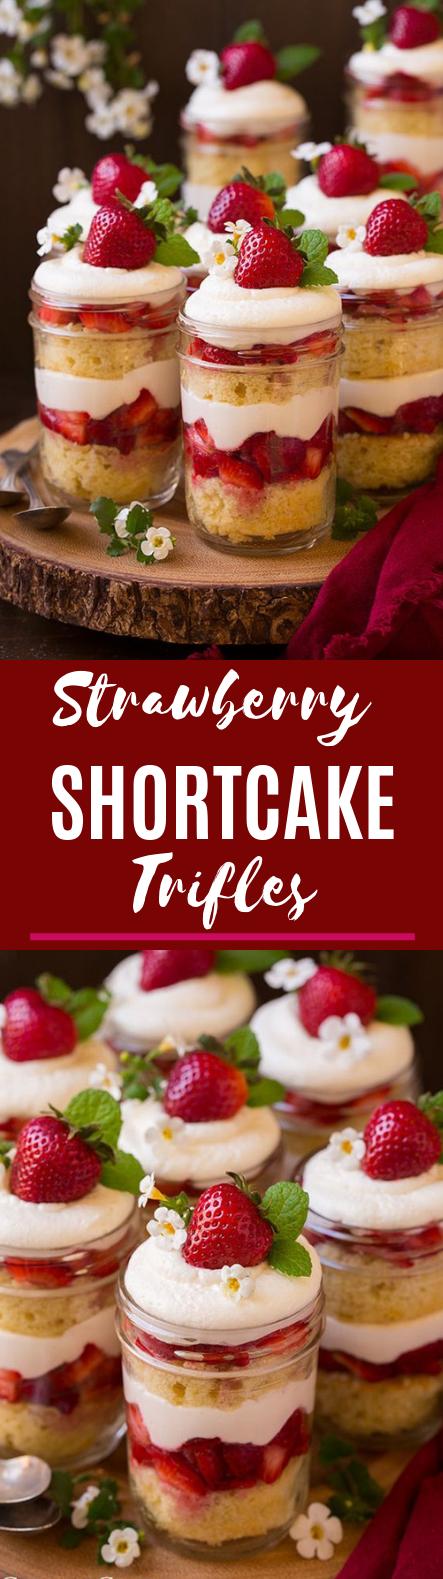 Strawberry Shortcake Trifles #dessert #summer